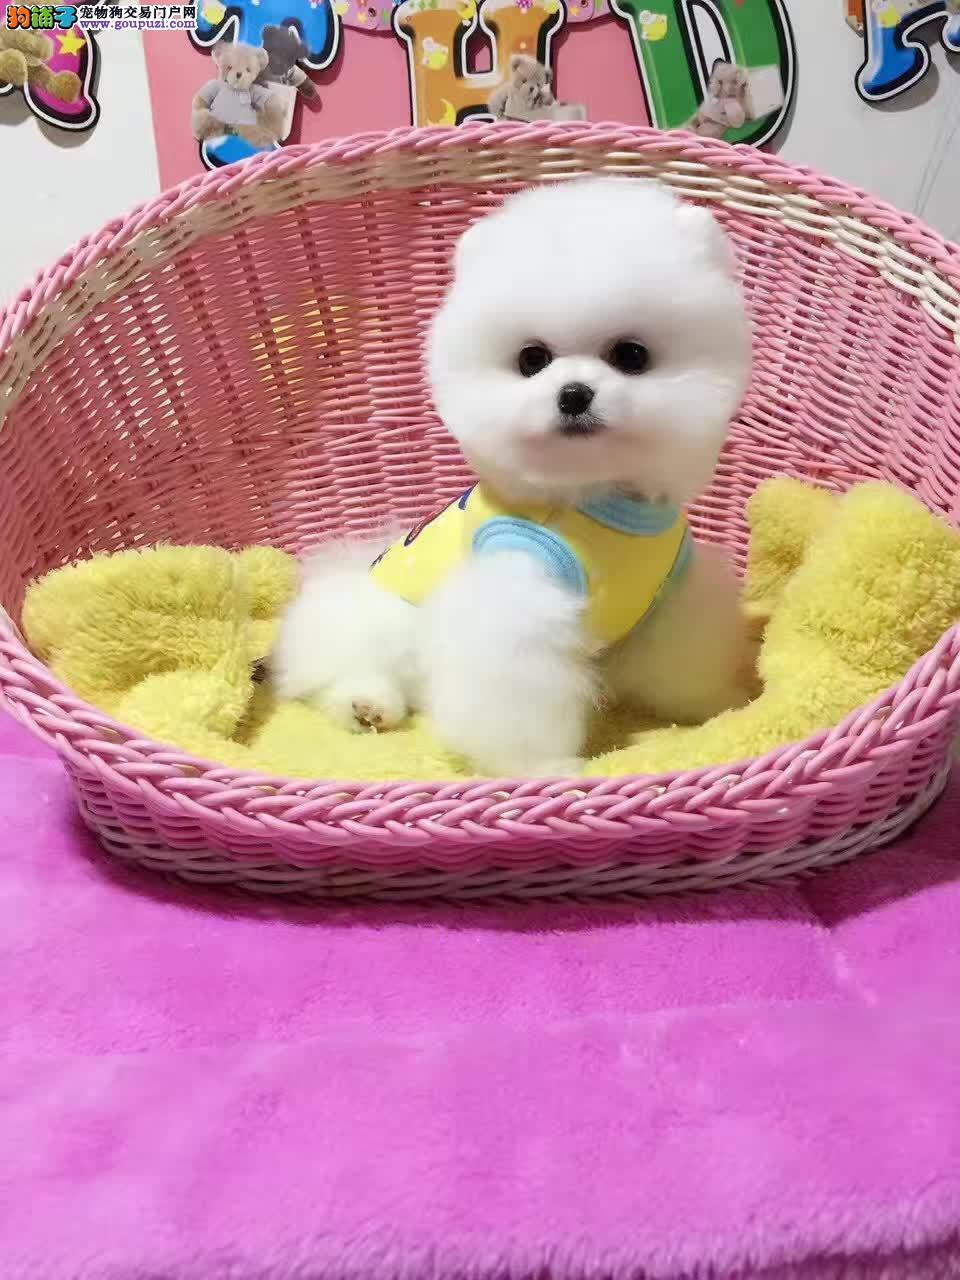 售精品博美宝宝 种犬可对外配种 签署保证协议